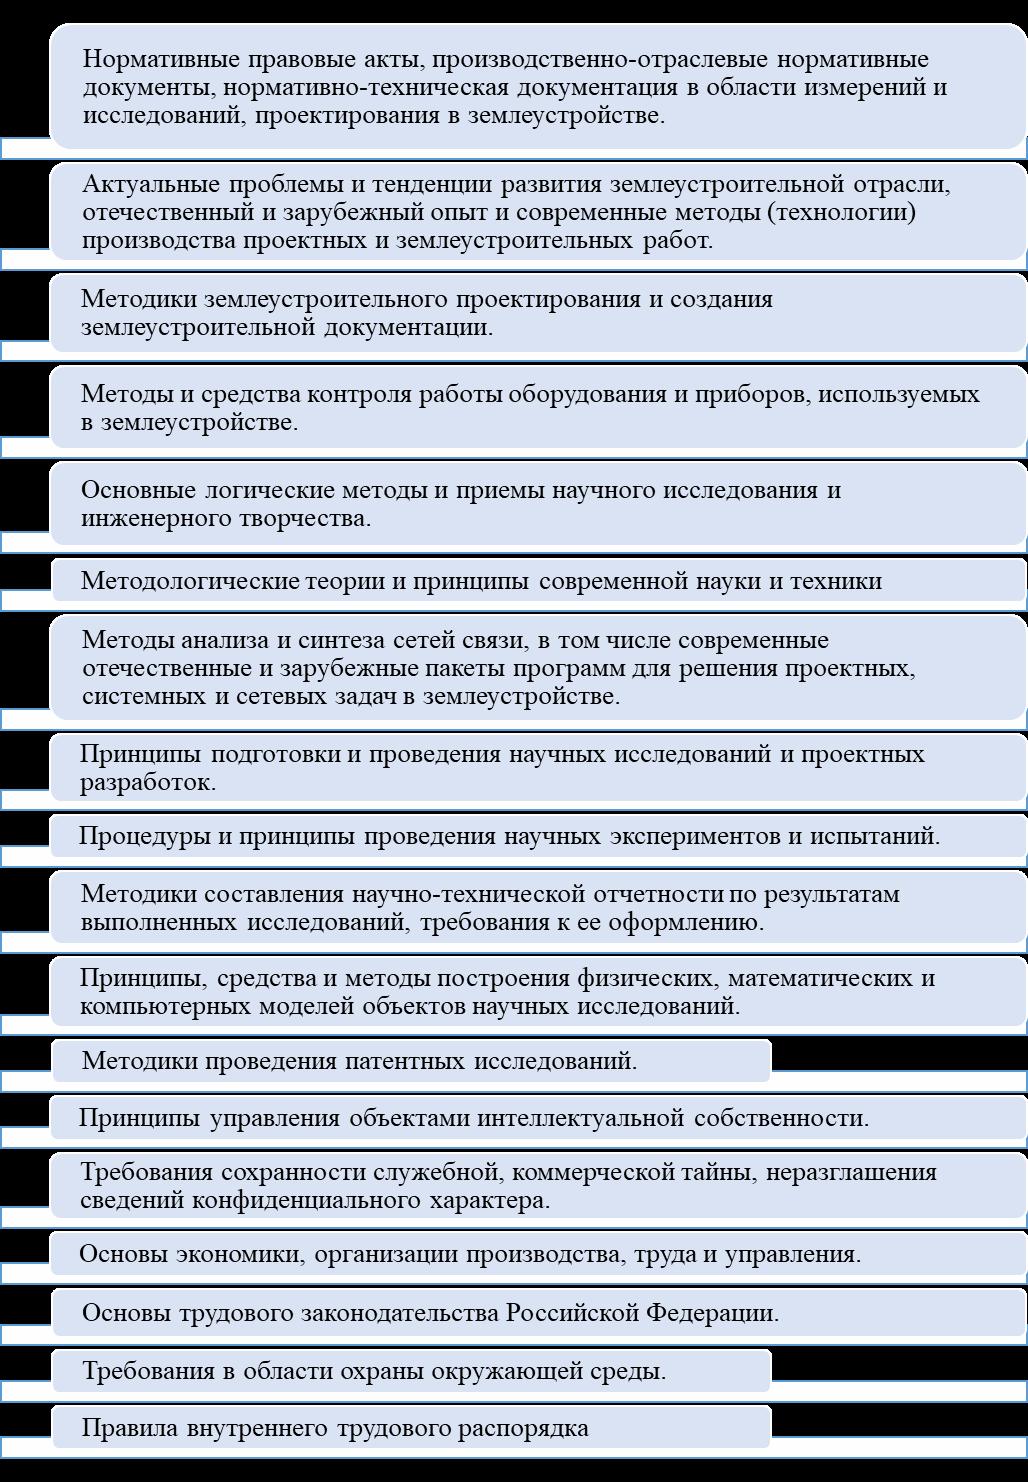 word image 118 Мониторинг и анализ образовательной деятельности образовательных организаций аграрного профиля в условиях «регуляторной гильотины»